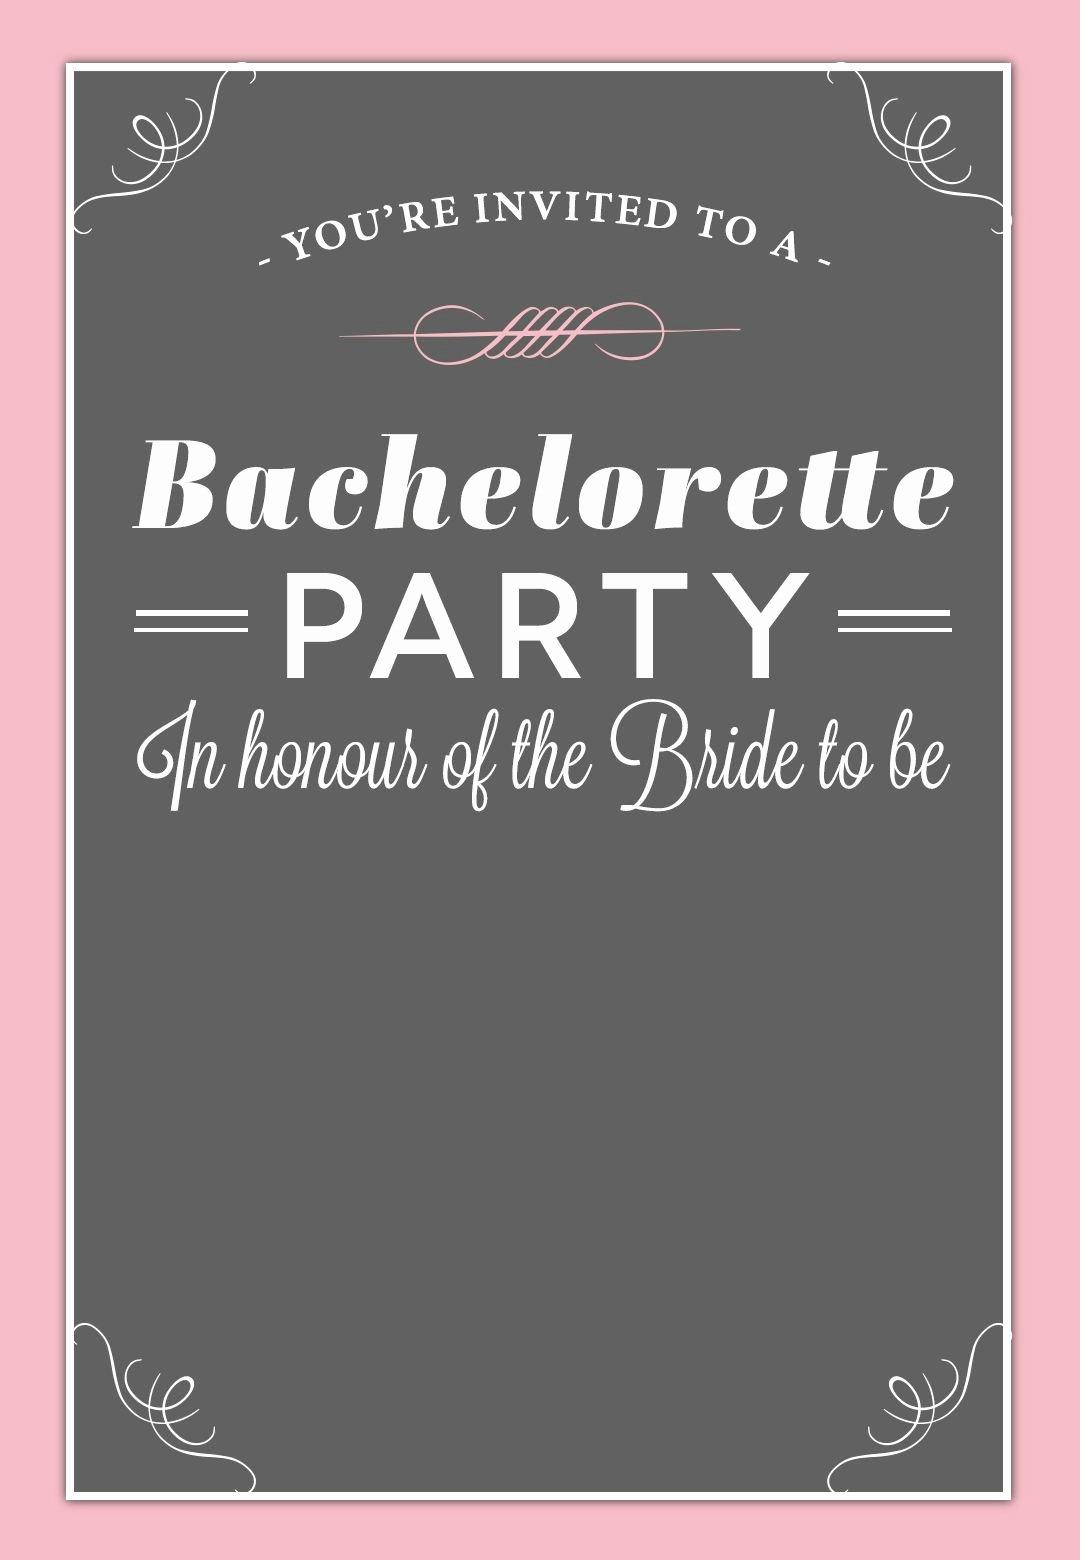 Bachelorette Party Invite Template Free Beautiful Bachelorette Party Invitation Free Printable